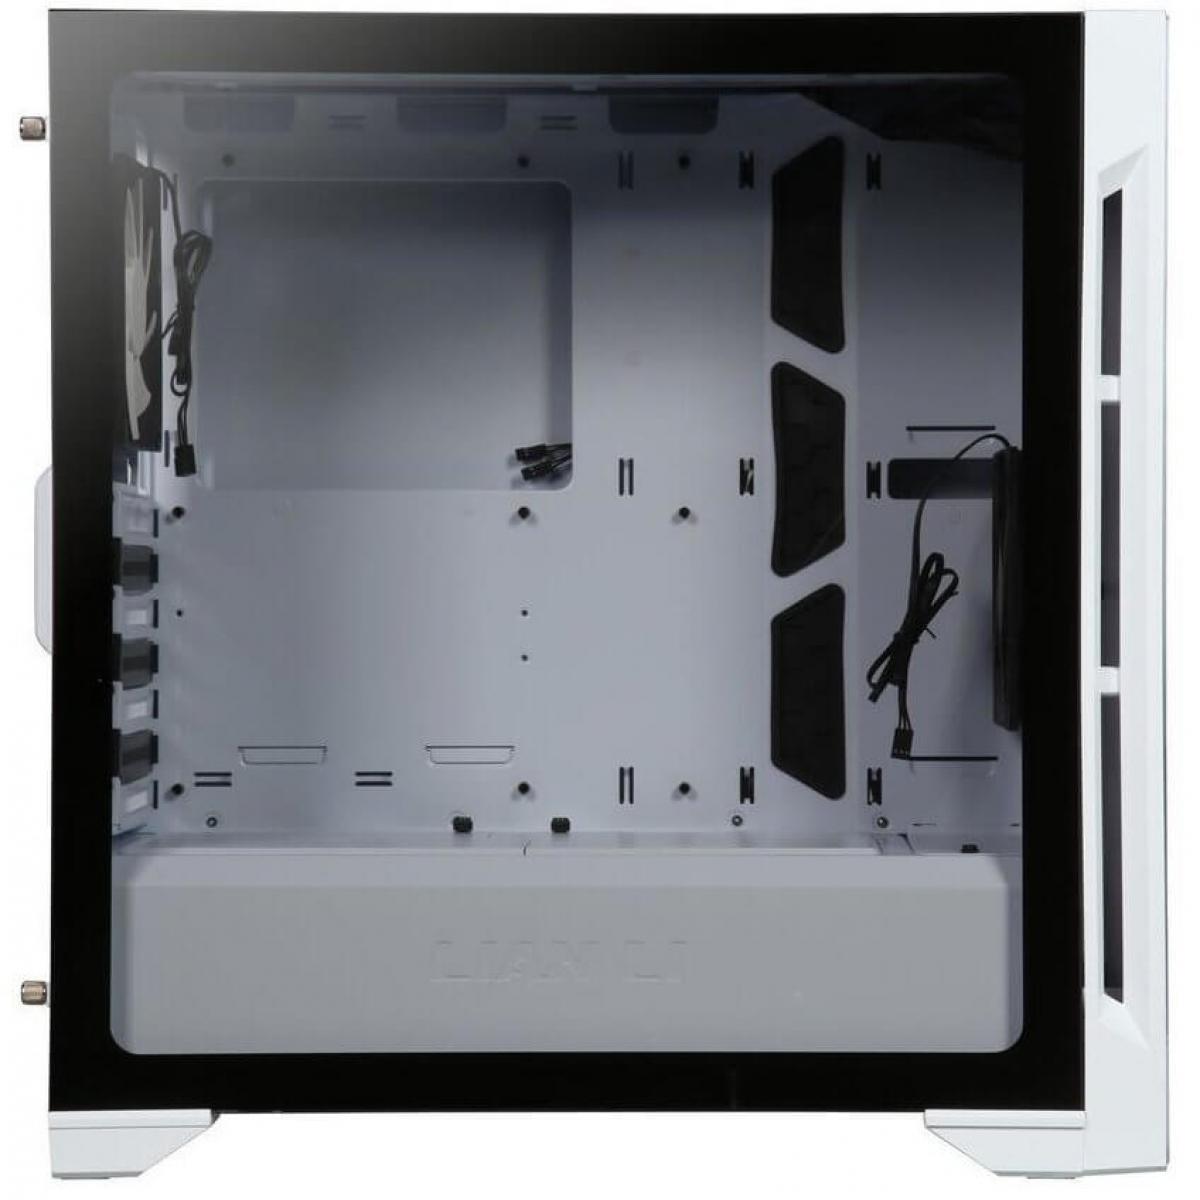 Gabinete Gamer Lian Li Lancool One Digital RGB, Mid Tower, Vidro Temperado, White, Sem Fonte